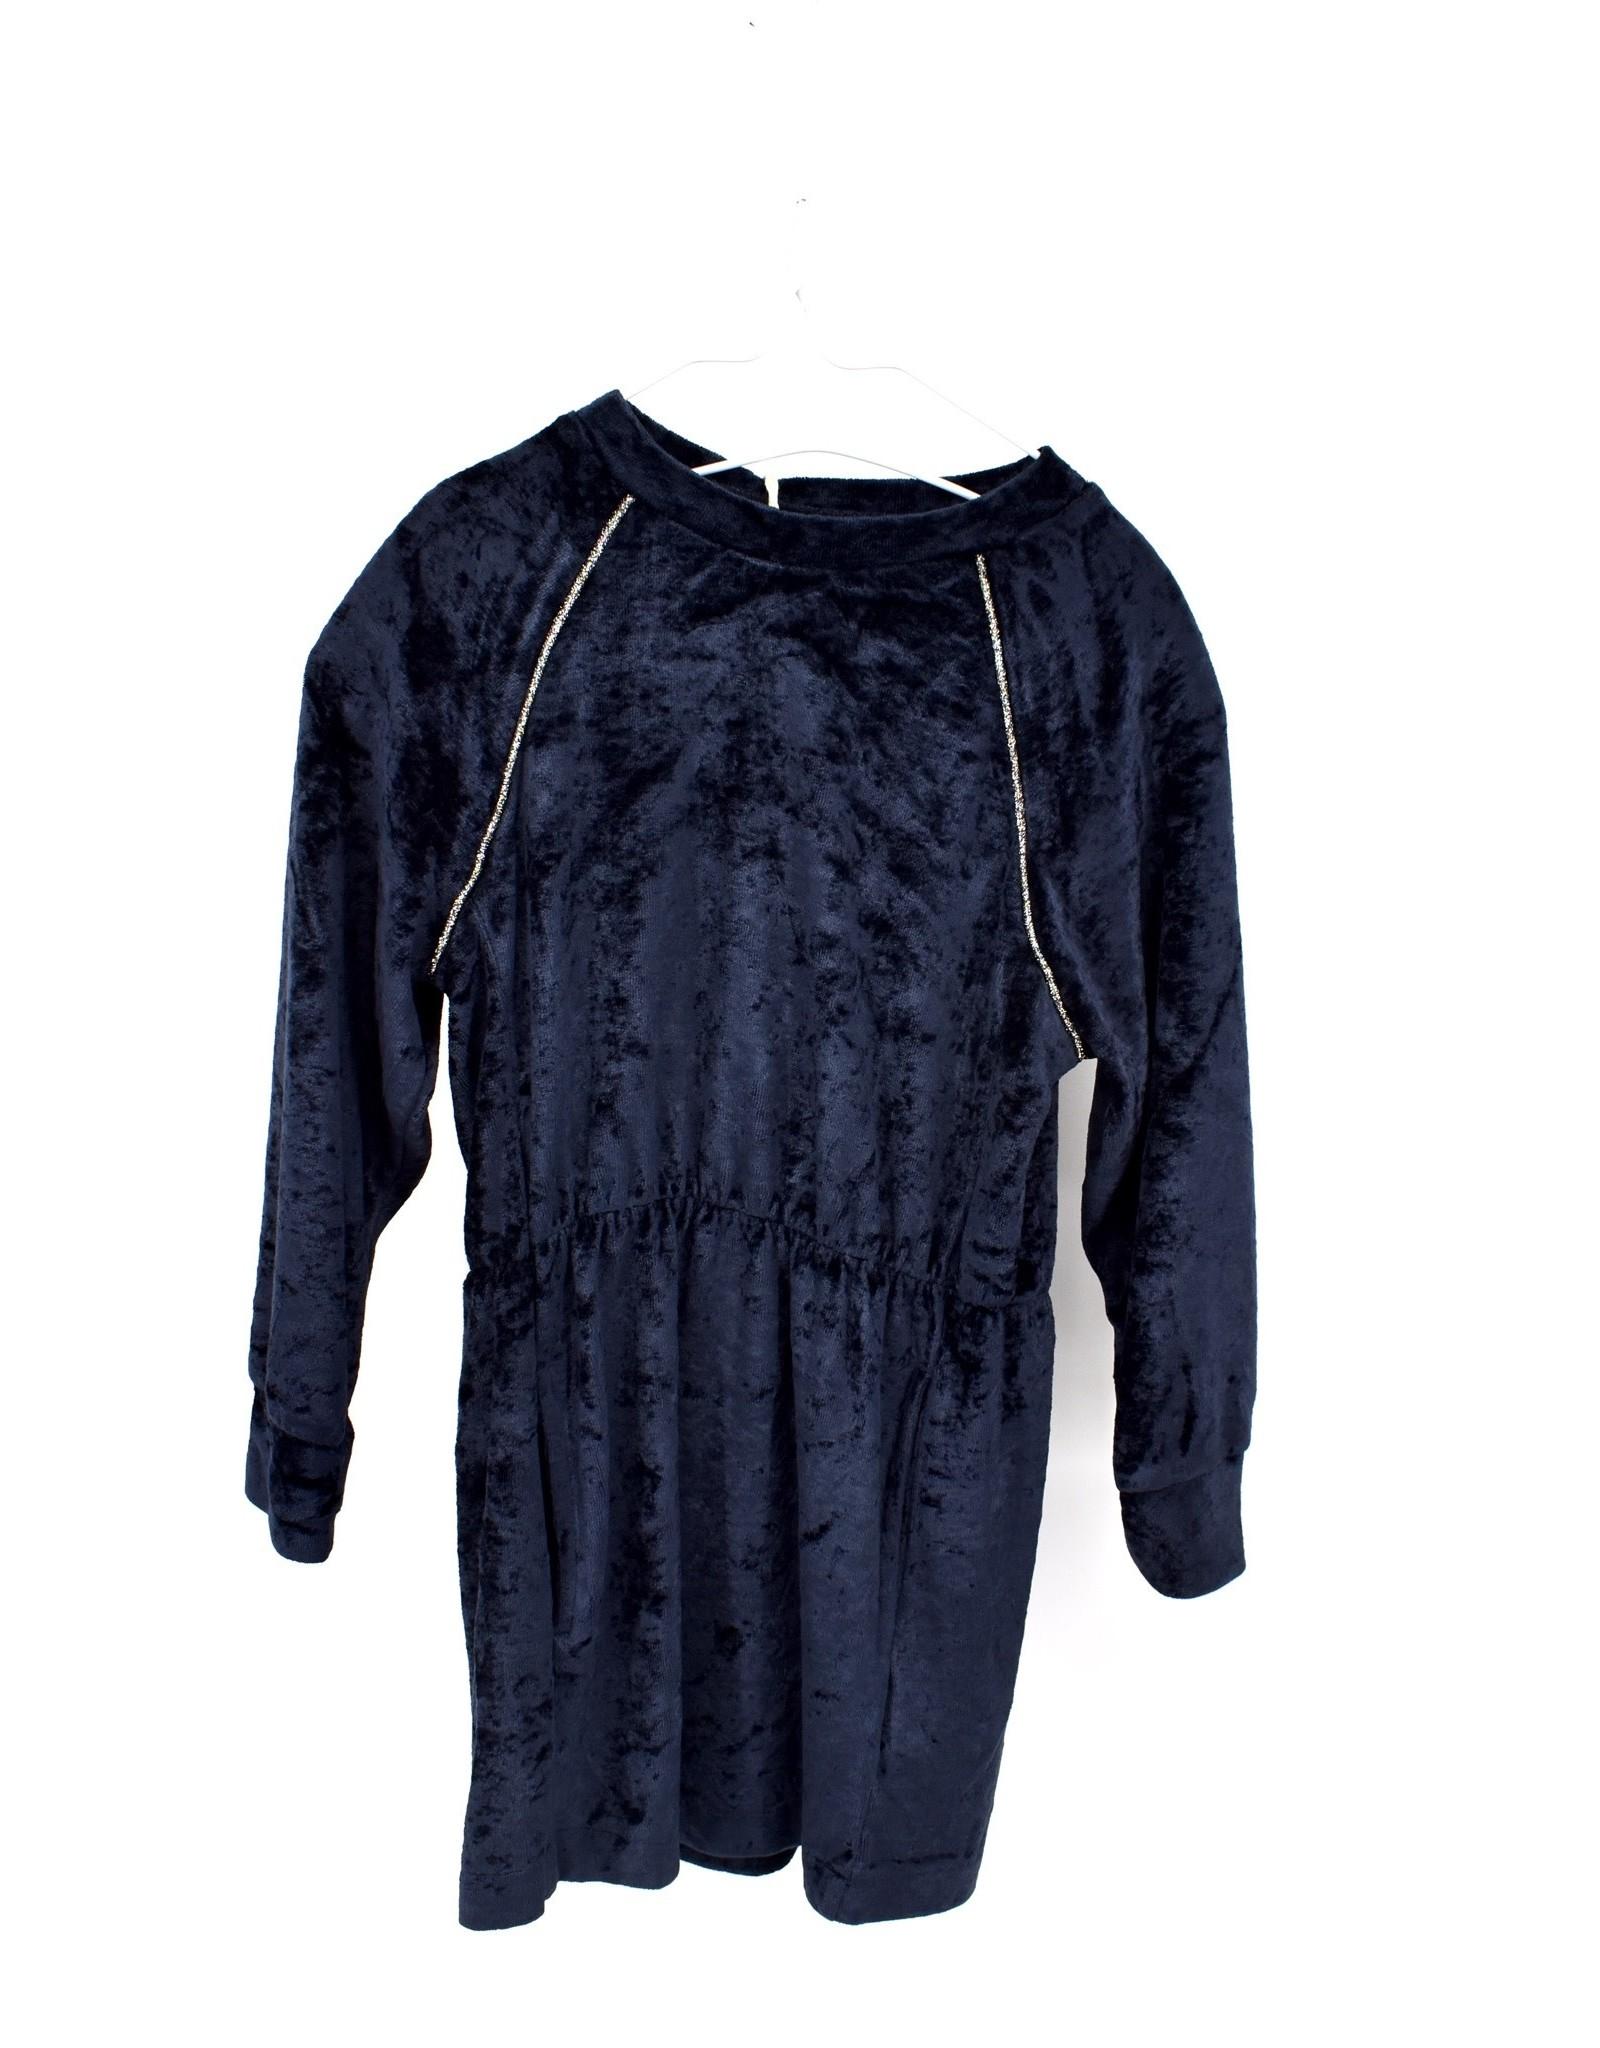 AMERICAN OUTFITTERS velvet dress Night Blue